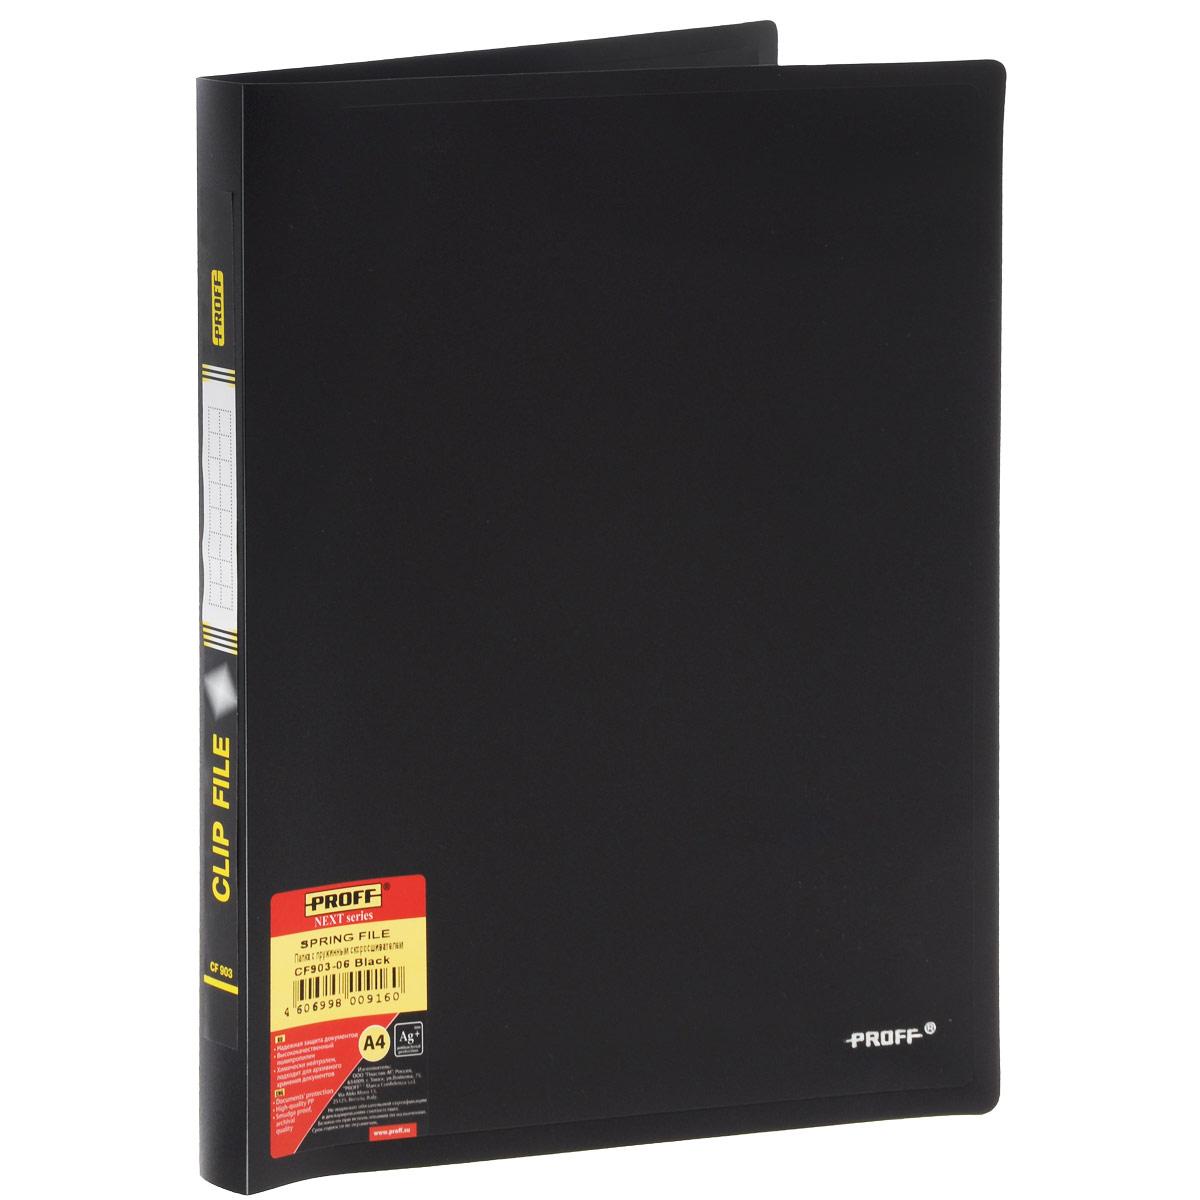 Папка-скоросшиватель Proff Next, цвет: черный. Формат А4. CF903-06FS-36052Папка-скоросшиватель Proff Next - это удобный и практичный офисный инструмент,предназначенный для хранения и транспортировки рабочих бумаг и документовформата А4. Папка изготовлена из высококачественного плотного полипропилена и оснащена металлическим пружинным скоросшивателем. Папка-скоросшиватель - это незаменимый атрибут для студента, школьника,офисного работника. Такая папка надежно сохранит ваши документы и сбережетих от повреждений, пыли и влаги.